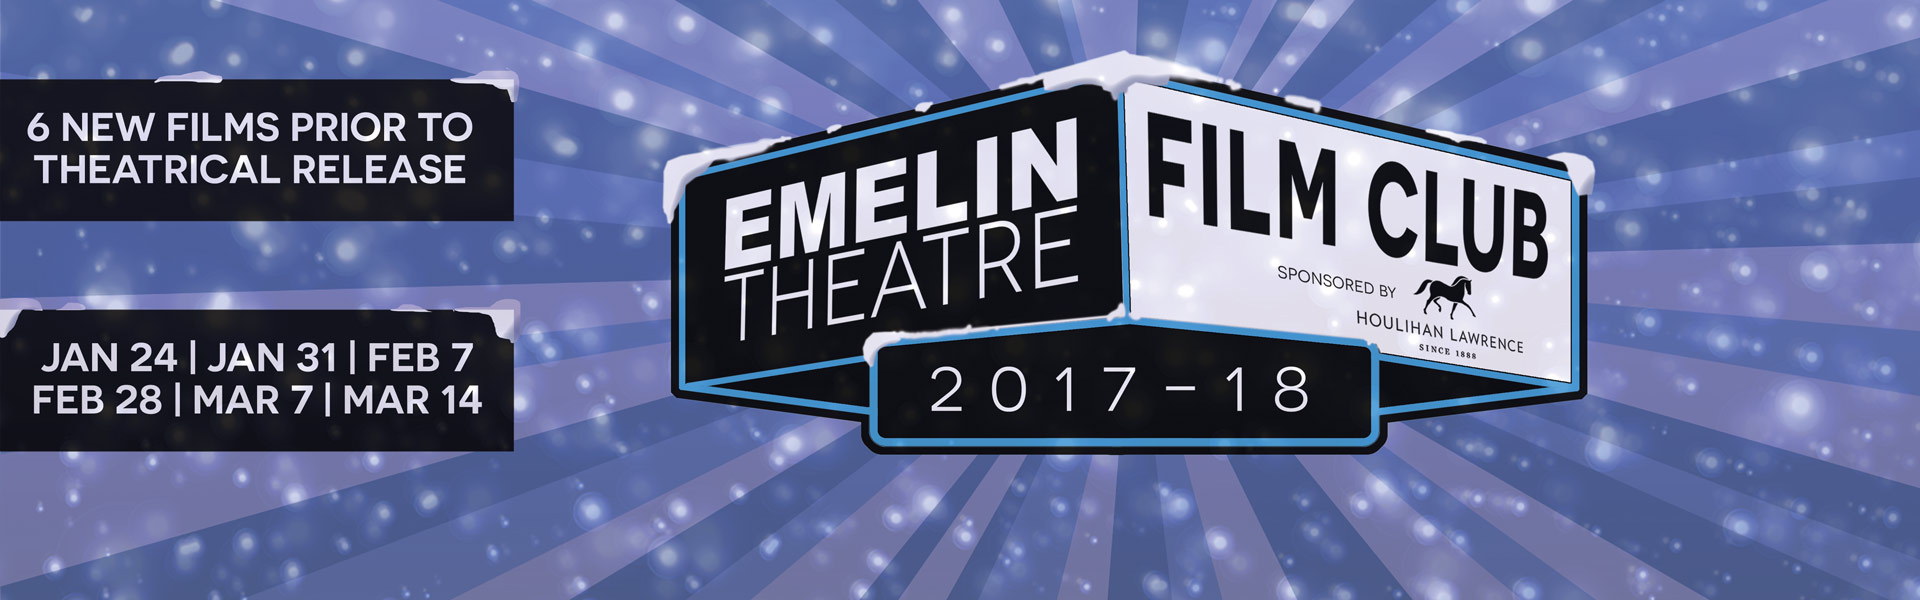 emelin theatre